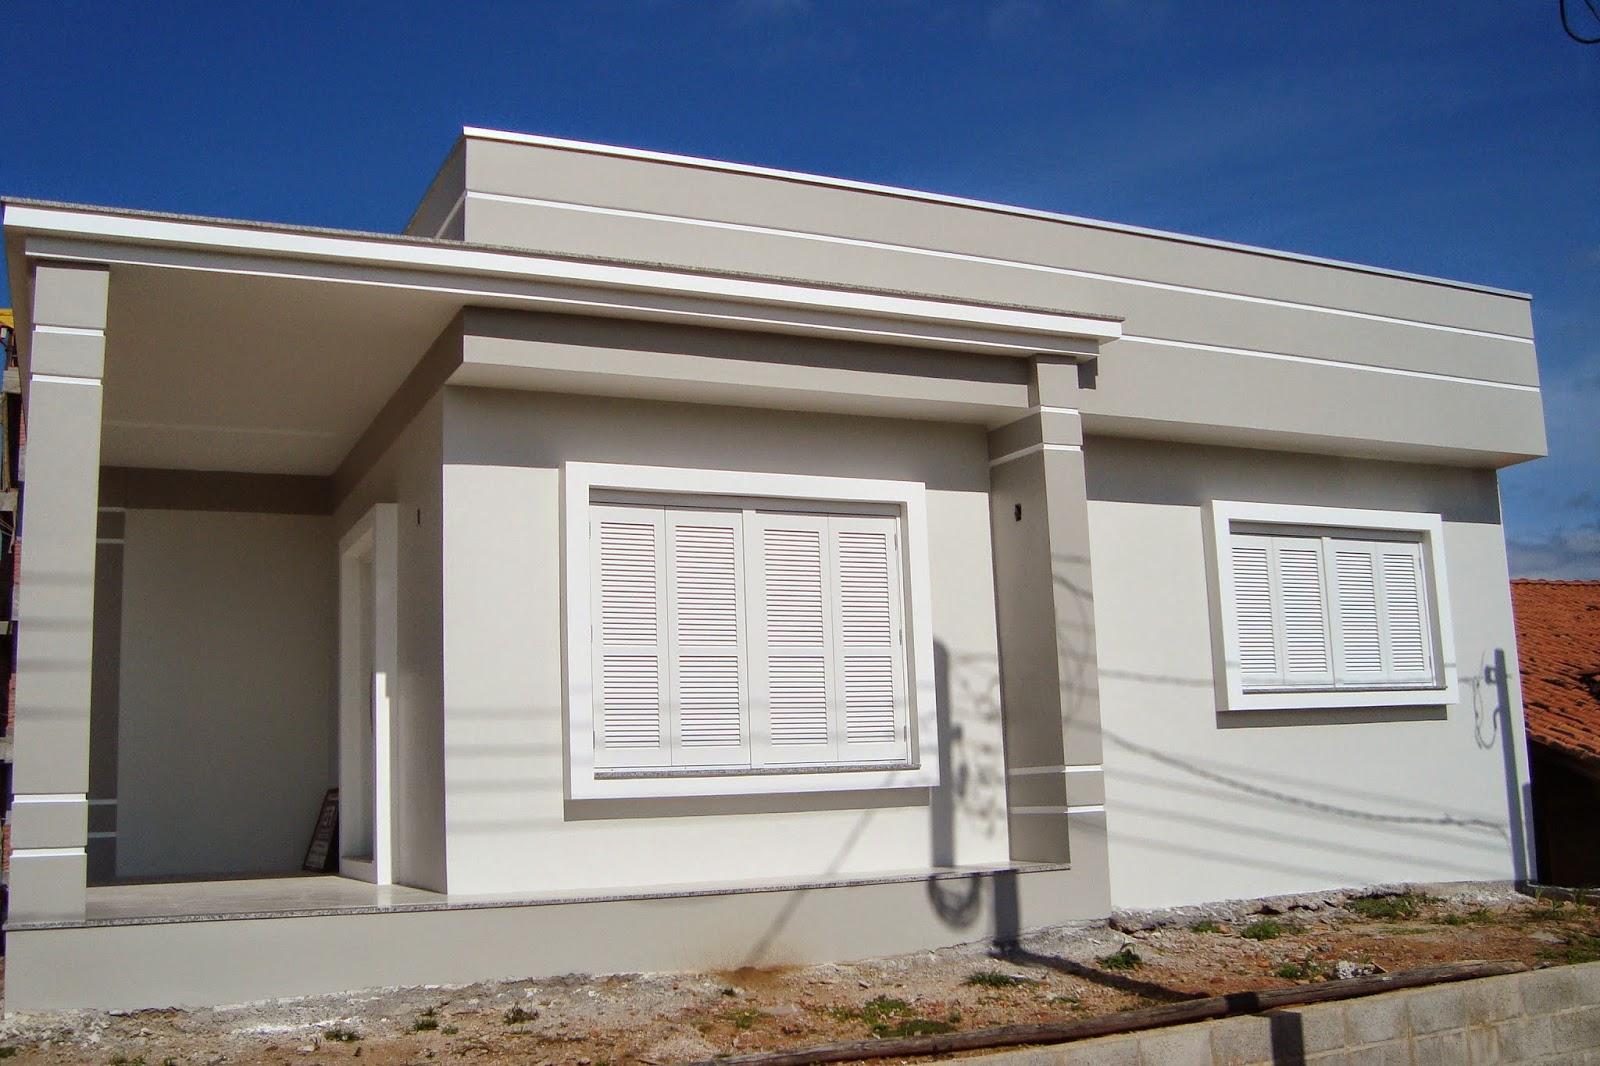 Casas pintadas com cores modernas por fora fachadas de for Casas modernas pintadas